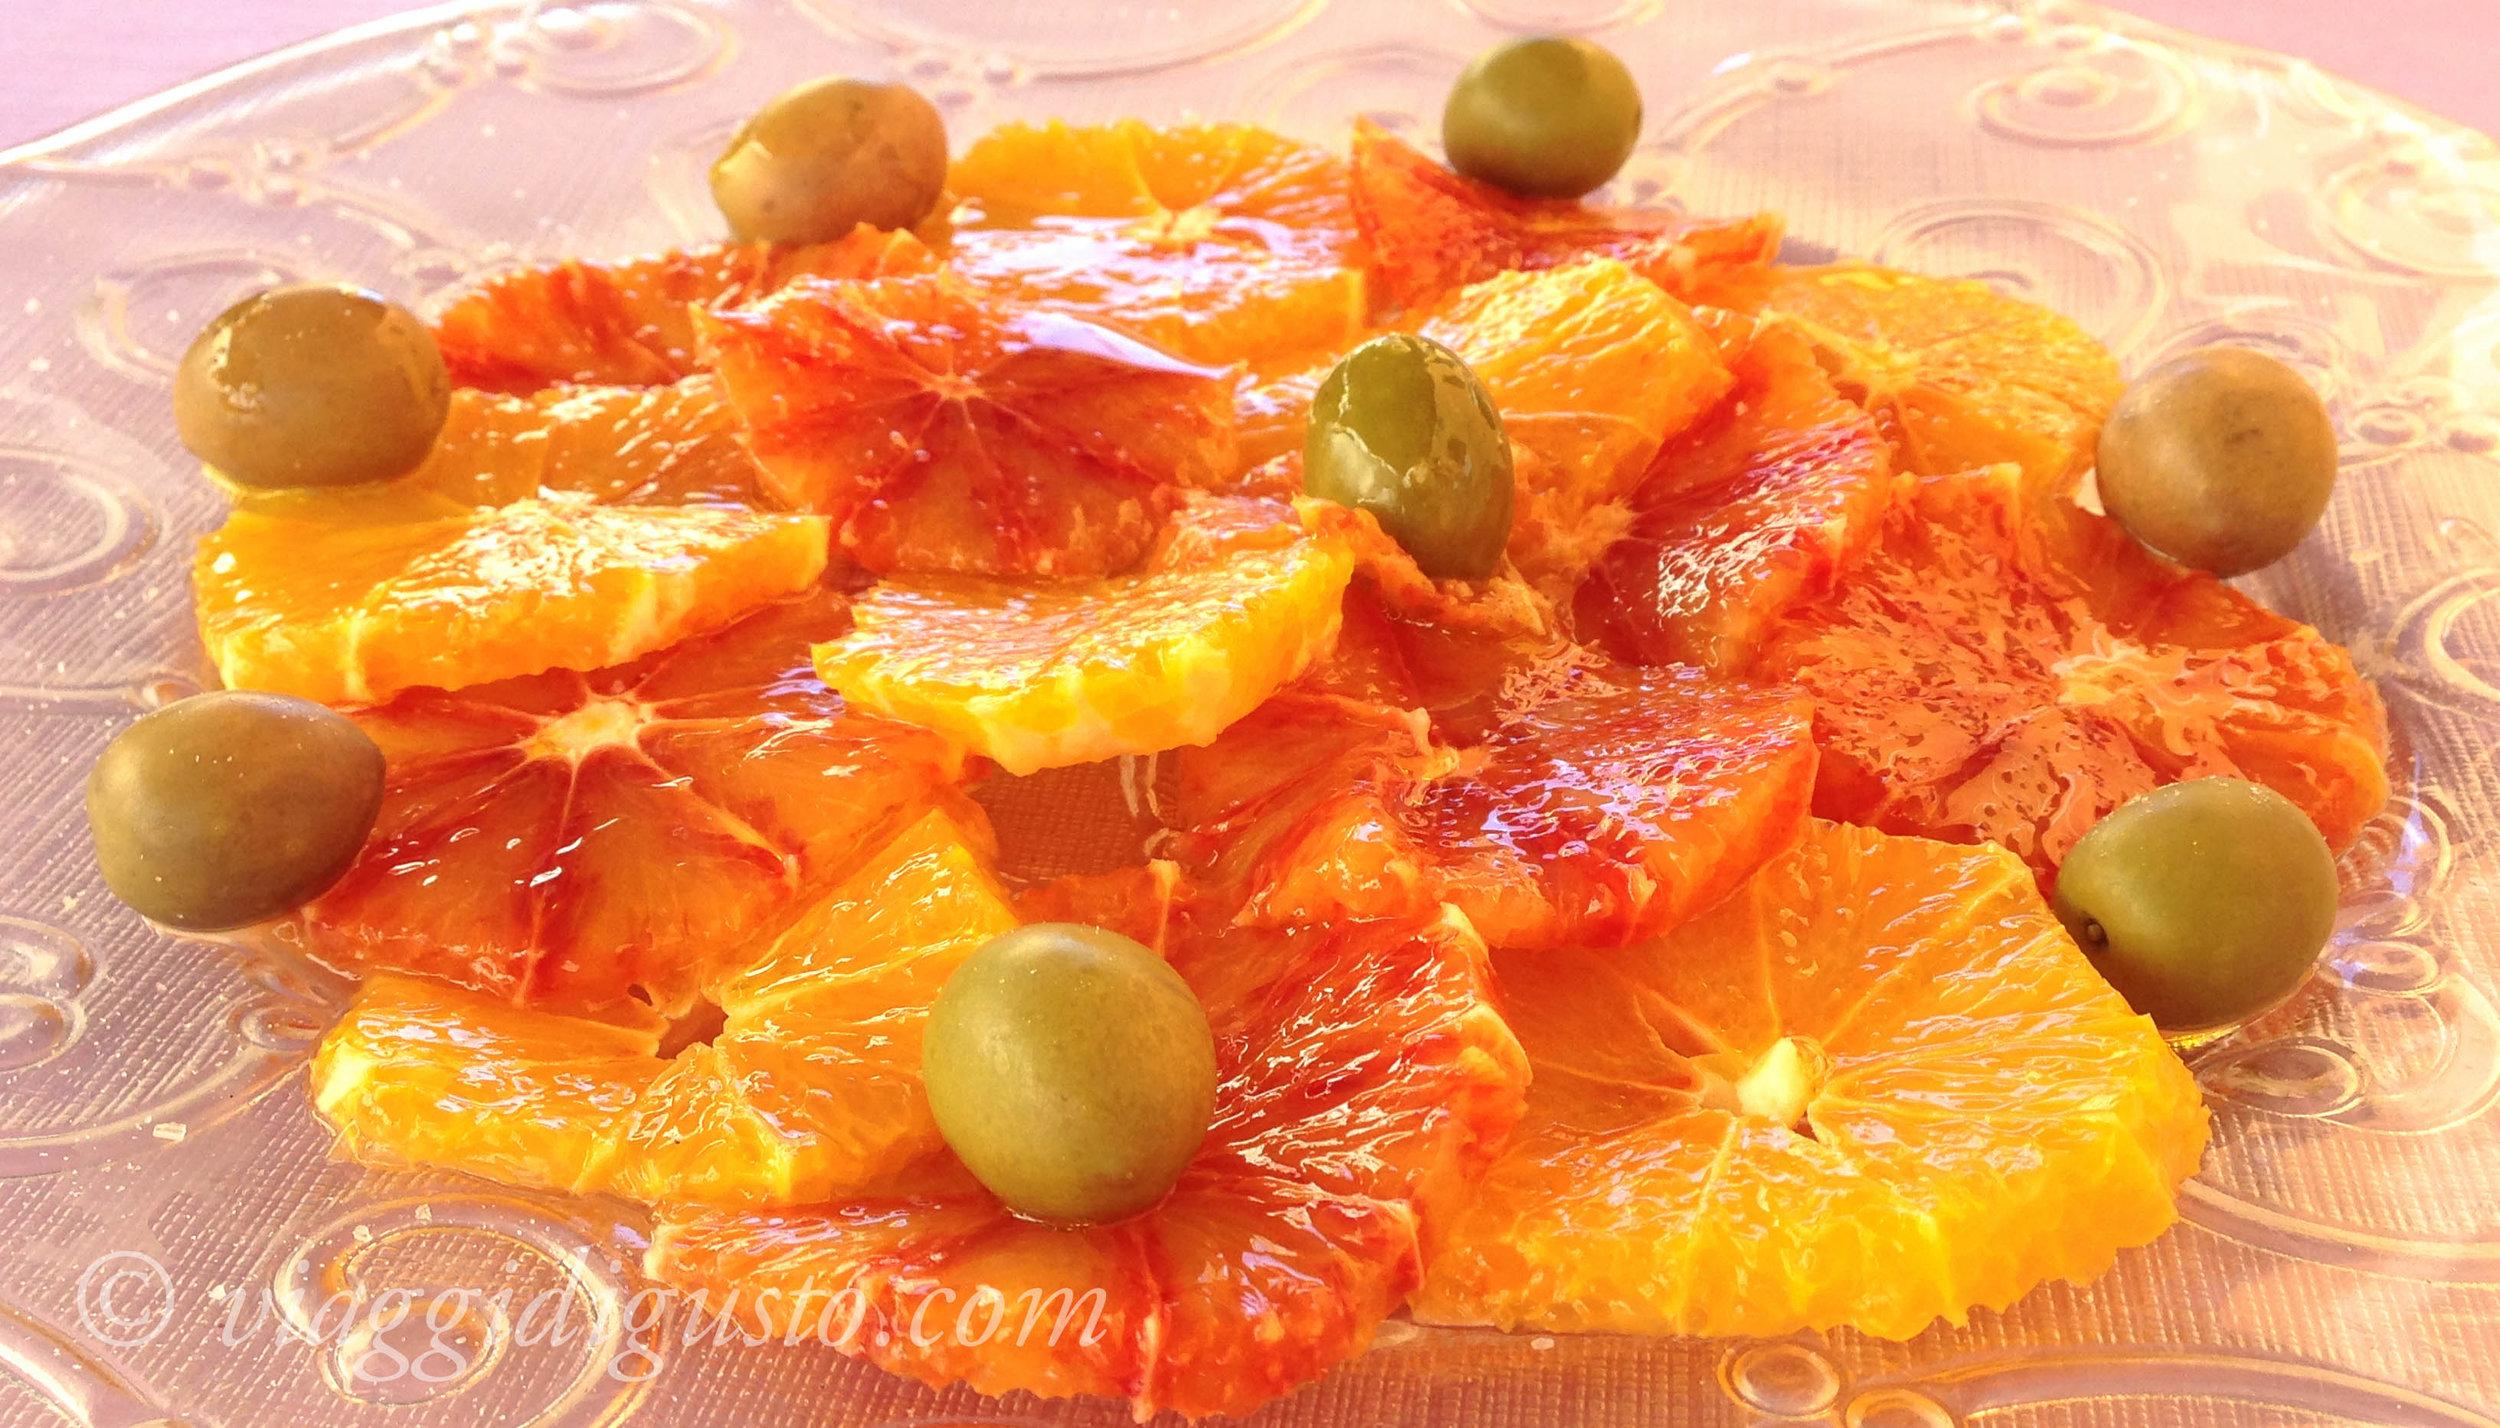 italian orange salad sicily.jpg